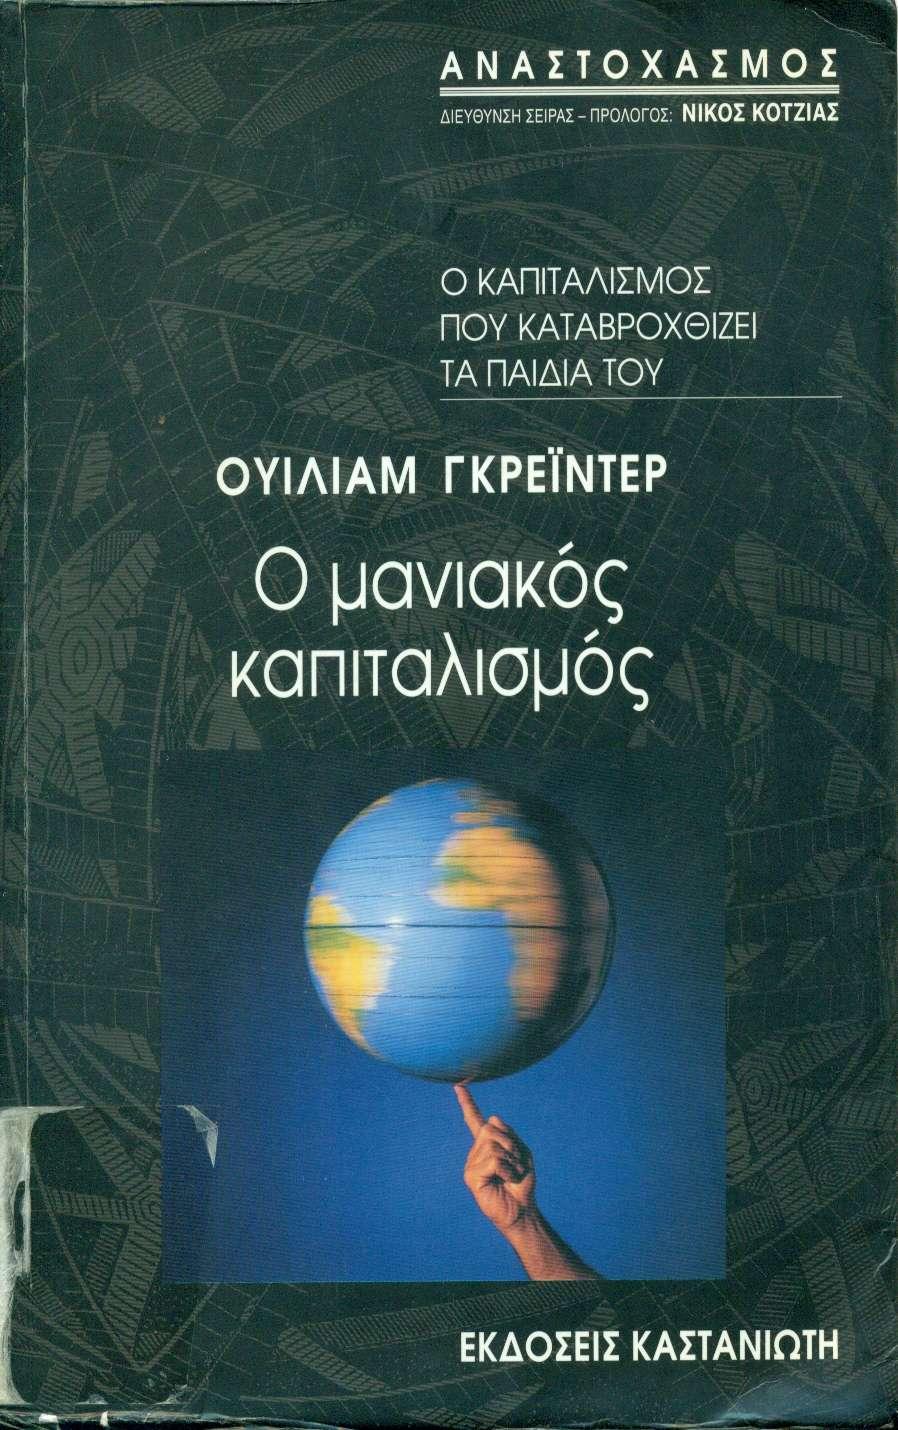 Ουίλιαμ Γκρέιντερ: «Ο μανιακός καπιταλισμός», εκδόσεις ΚΑΣΤΑΝΙΩΤΗ, σειρά ΑΝΑΣΤΟΧΑΣΜΟΣ, Αθήνα 1999.